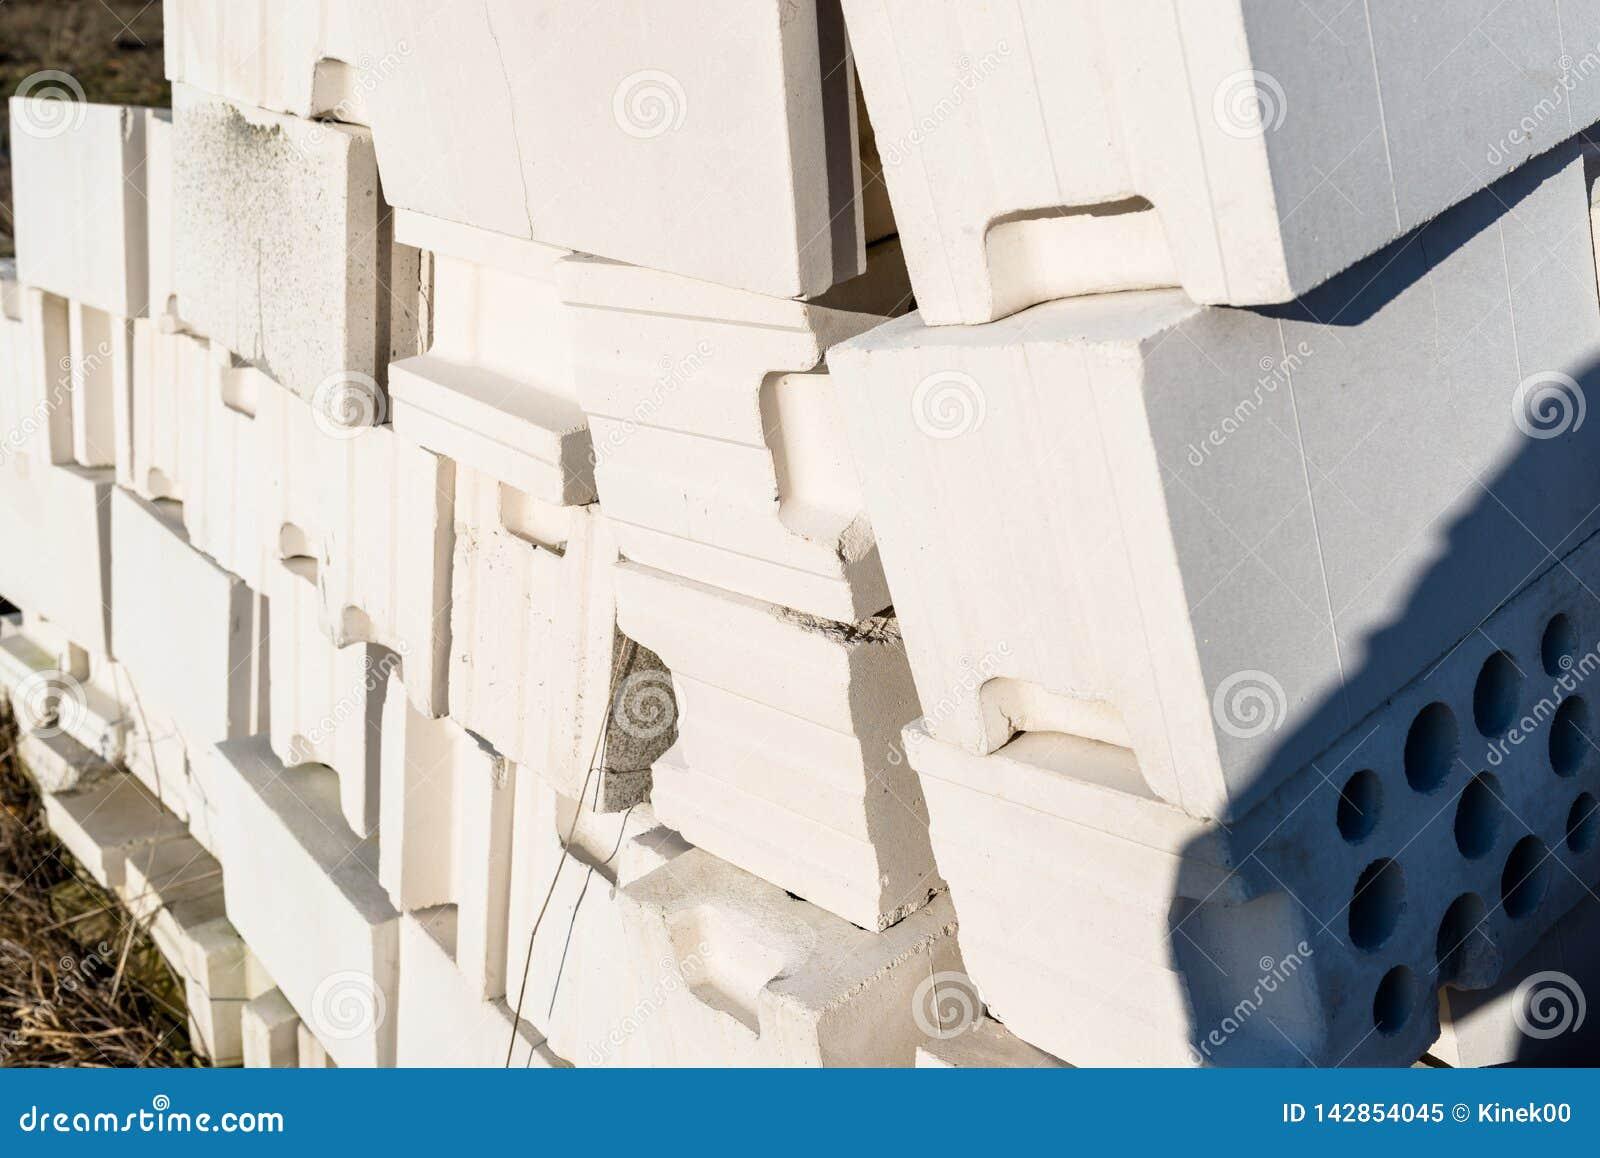 Haufen von Ziegelsteinen vom zellulären Beton, weiße Ziegelsteine, hohle Ziegelsteine mit hohlen Löchern nach innen